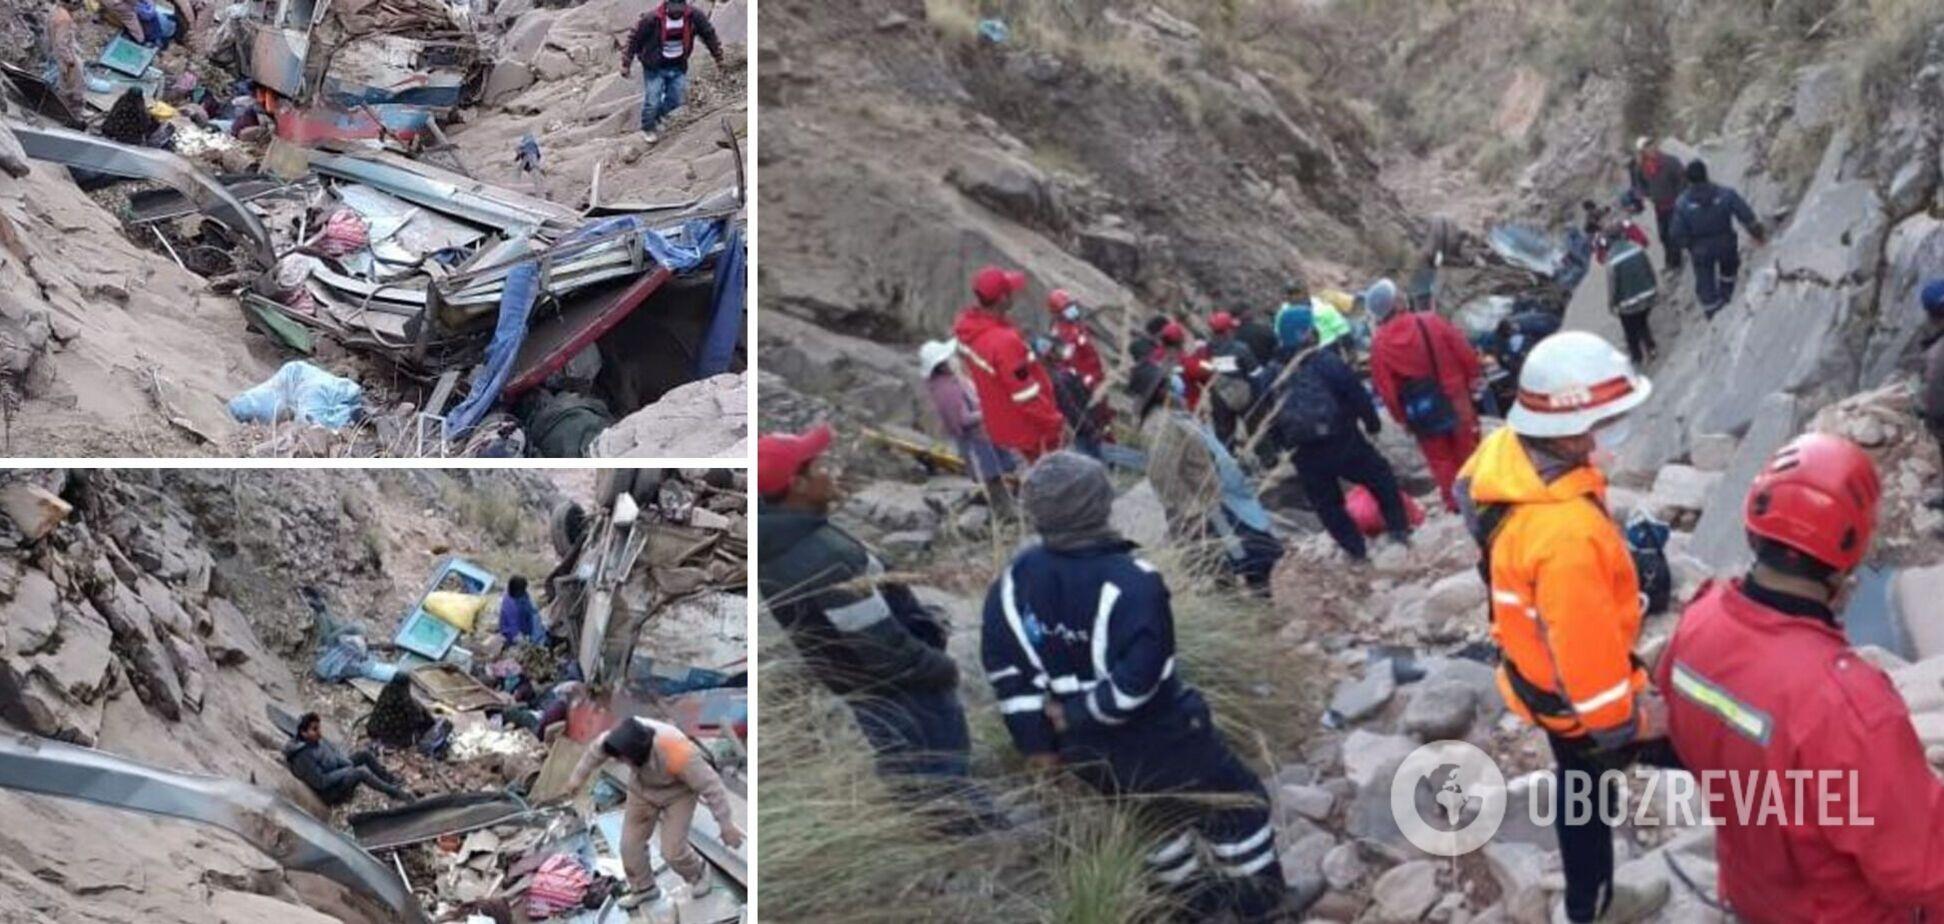 У Болівії пасажирський автобус впав у 150-метрову ущелину, щонайменше 31 загиблий. Фото з місця трагедії